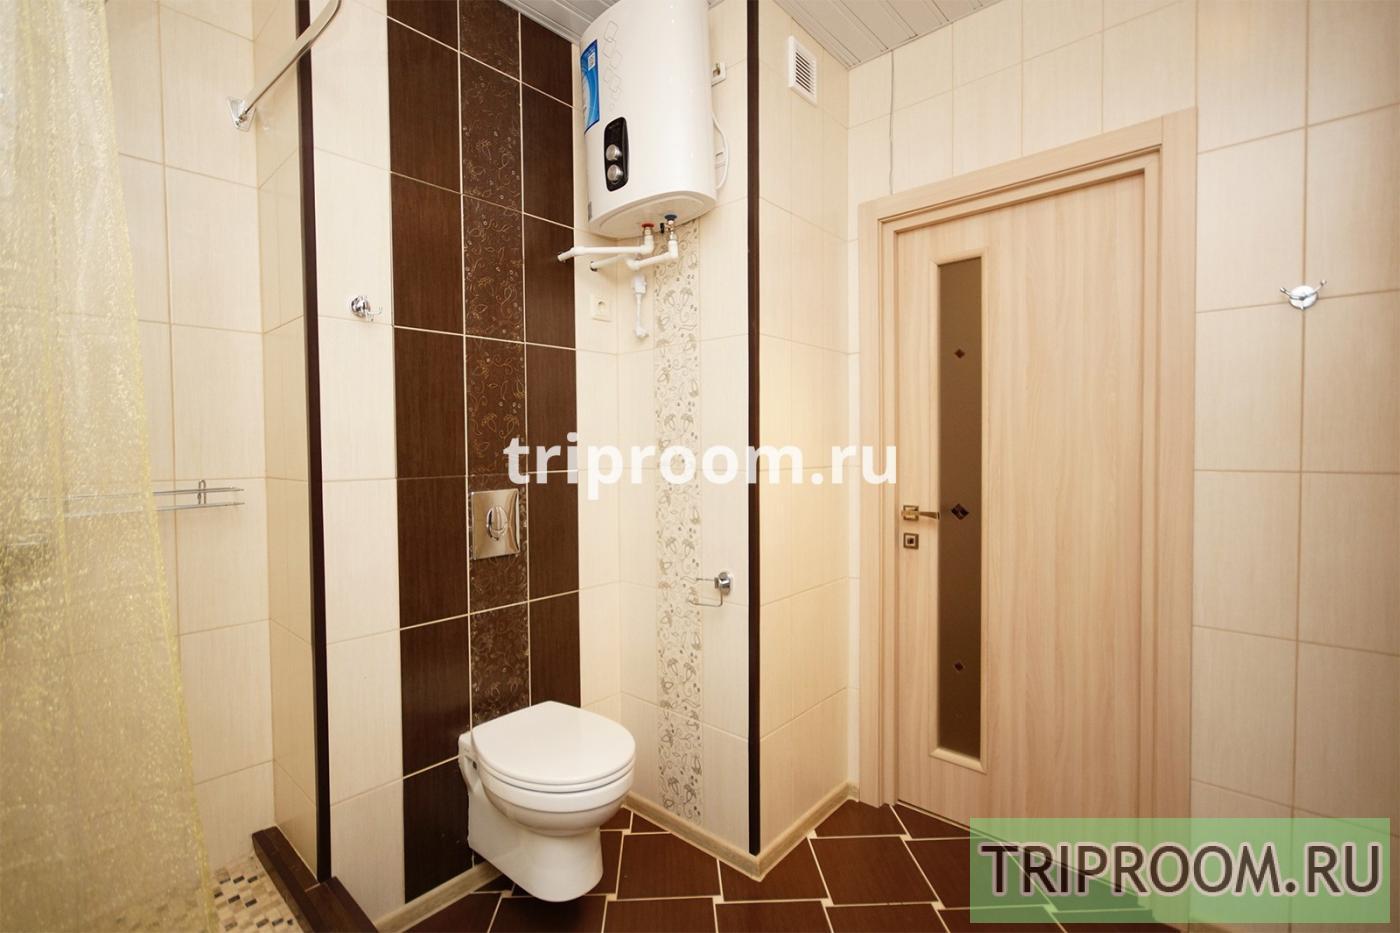 1-комнатная квартира посуточно (вариант № 17278), ул. Полтавский проезд, фото № 13